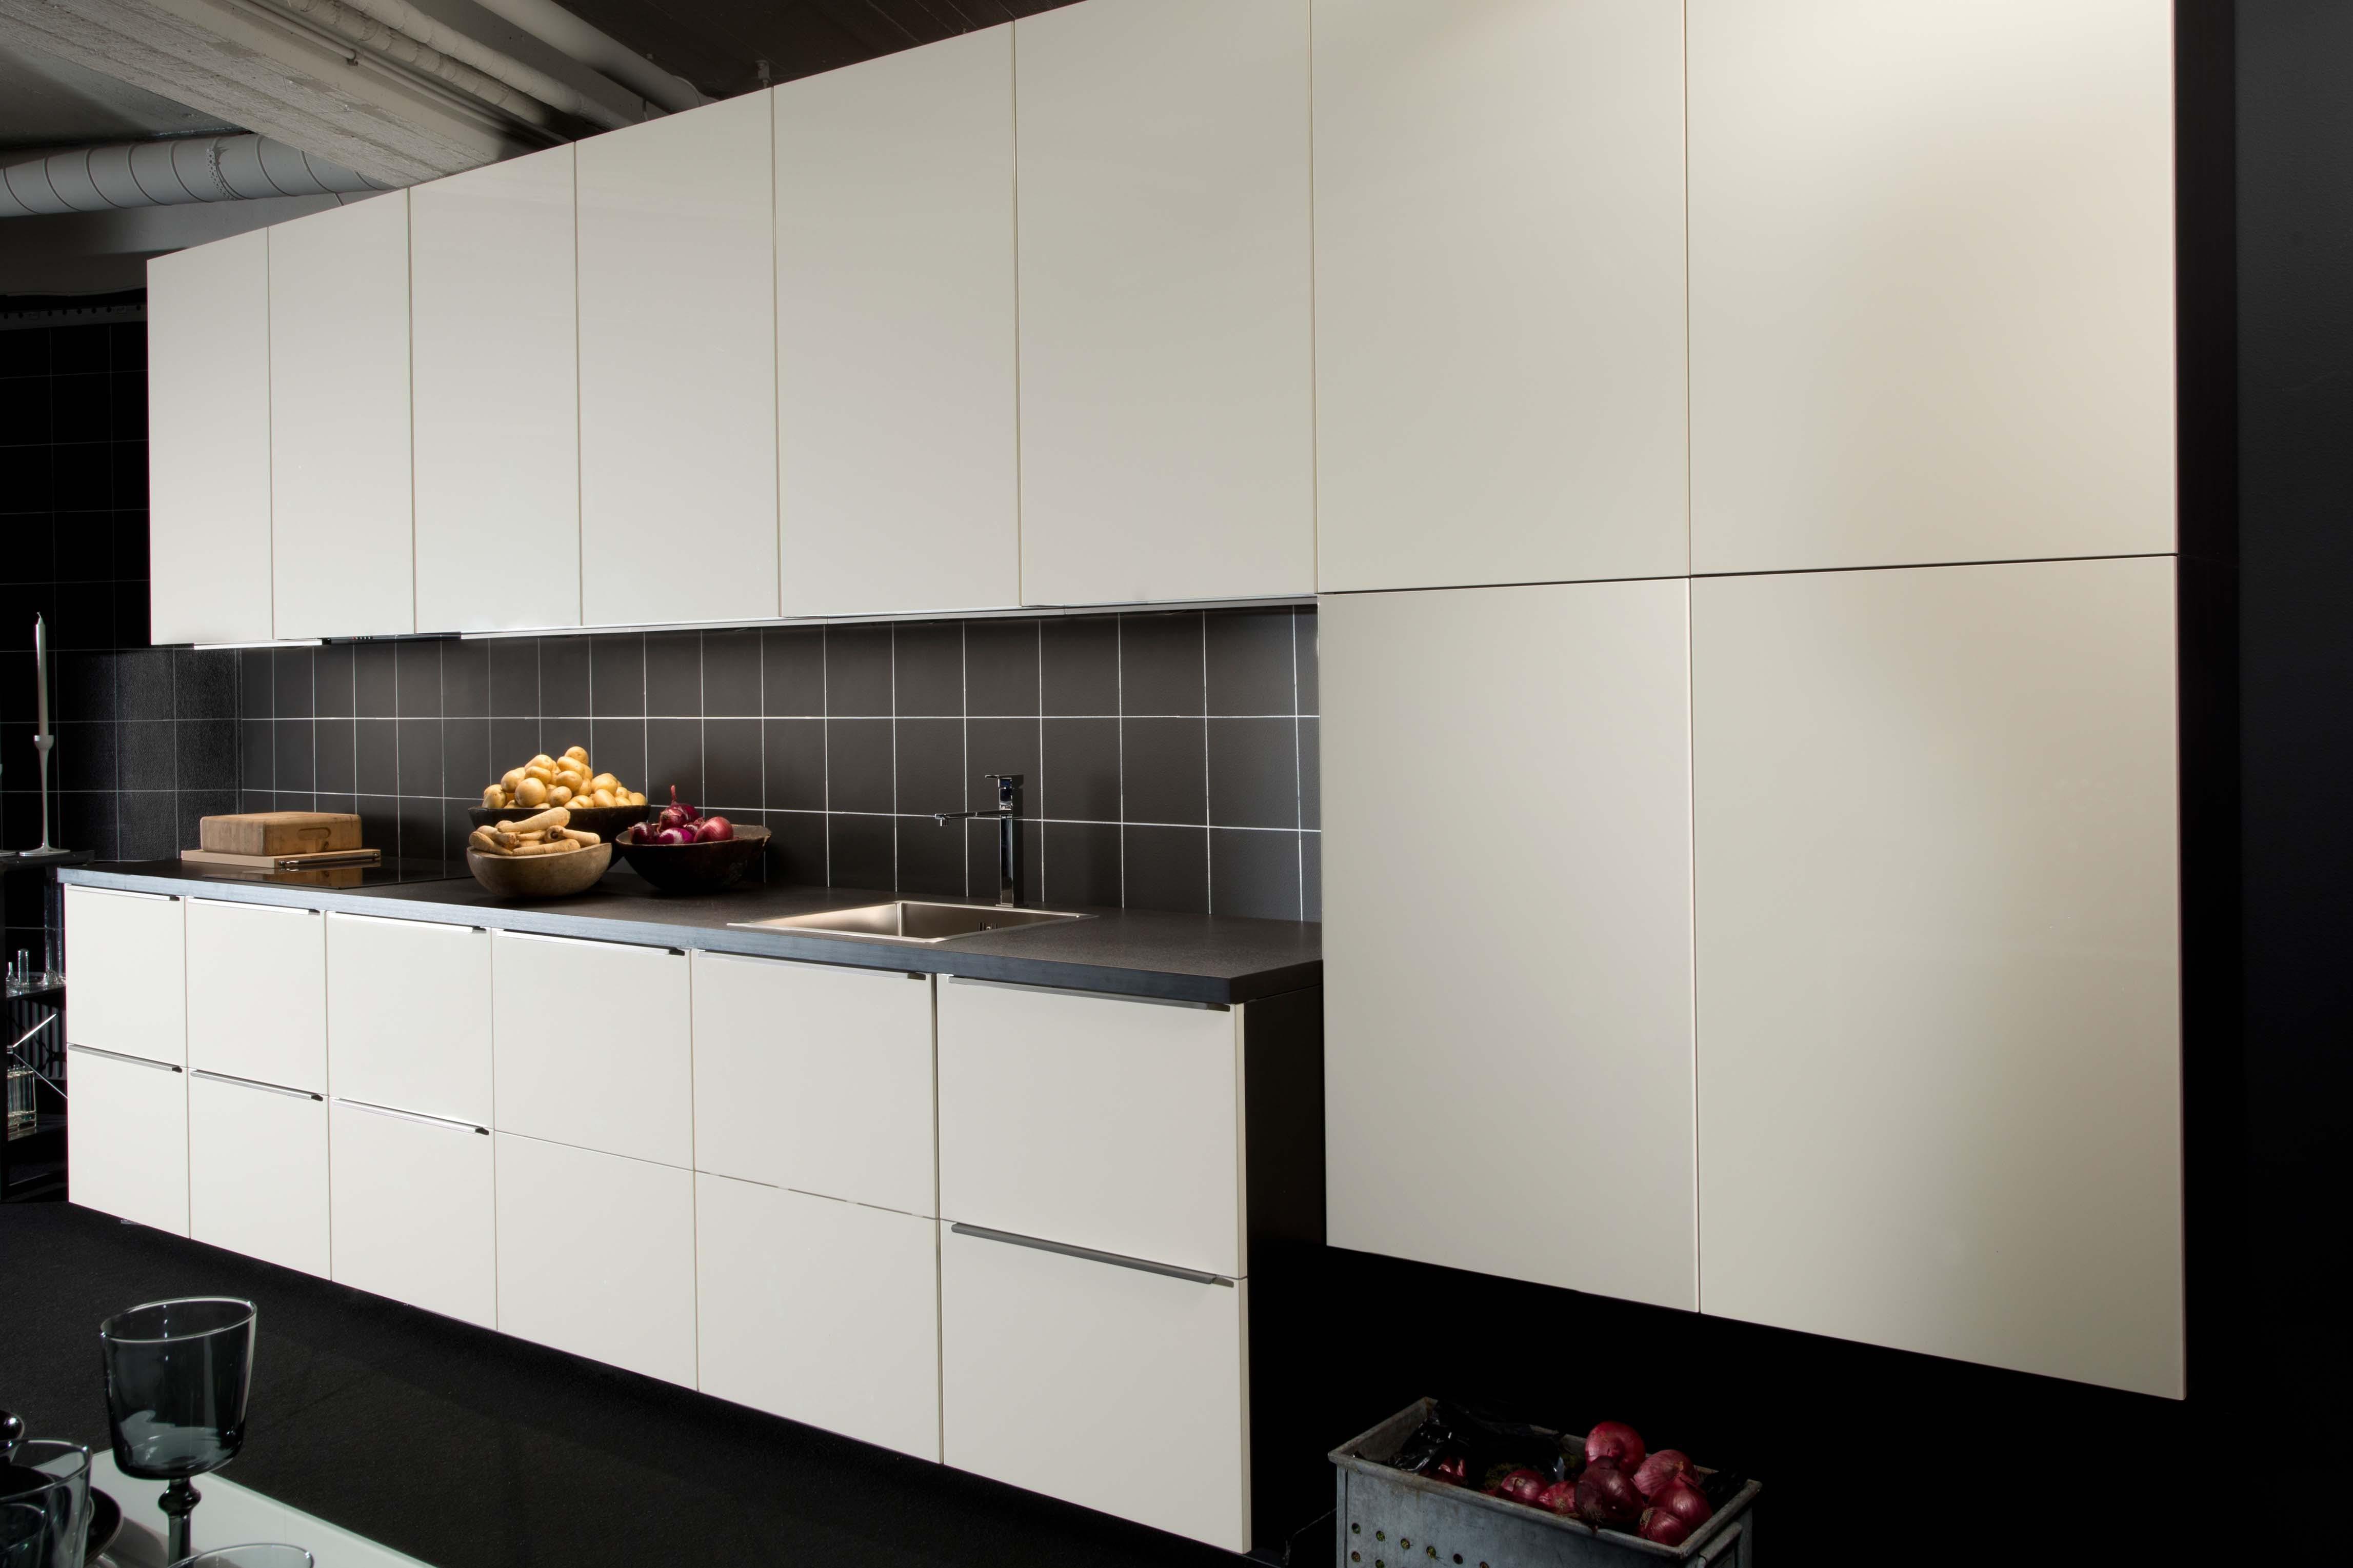 kjokken typer ikea  : Ikea Kjokken Monteringsskinne ~ Hjemme Design og M?bler Ideer